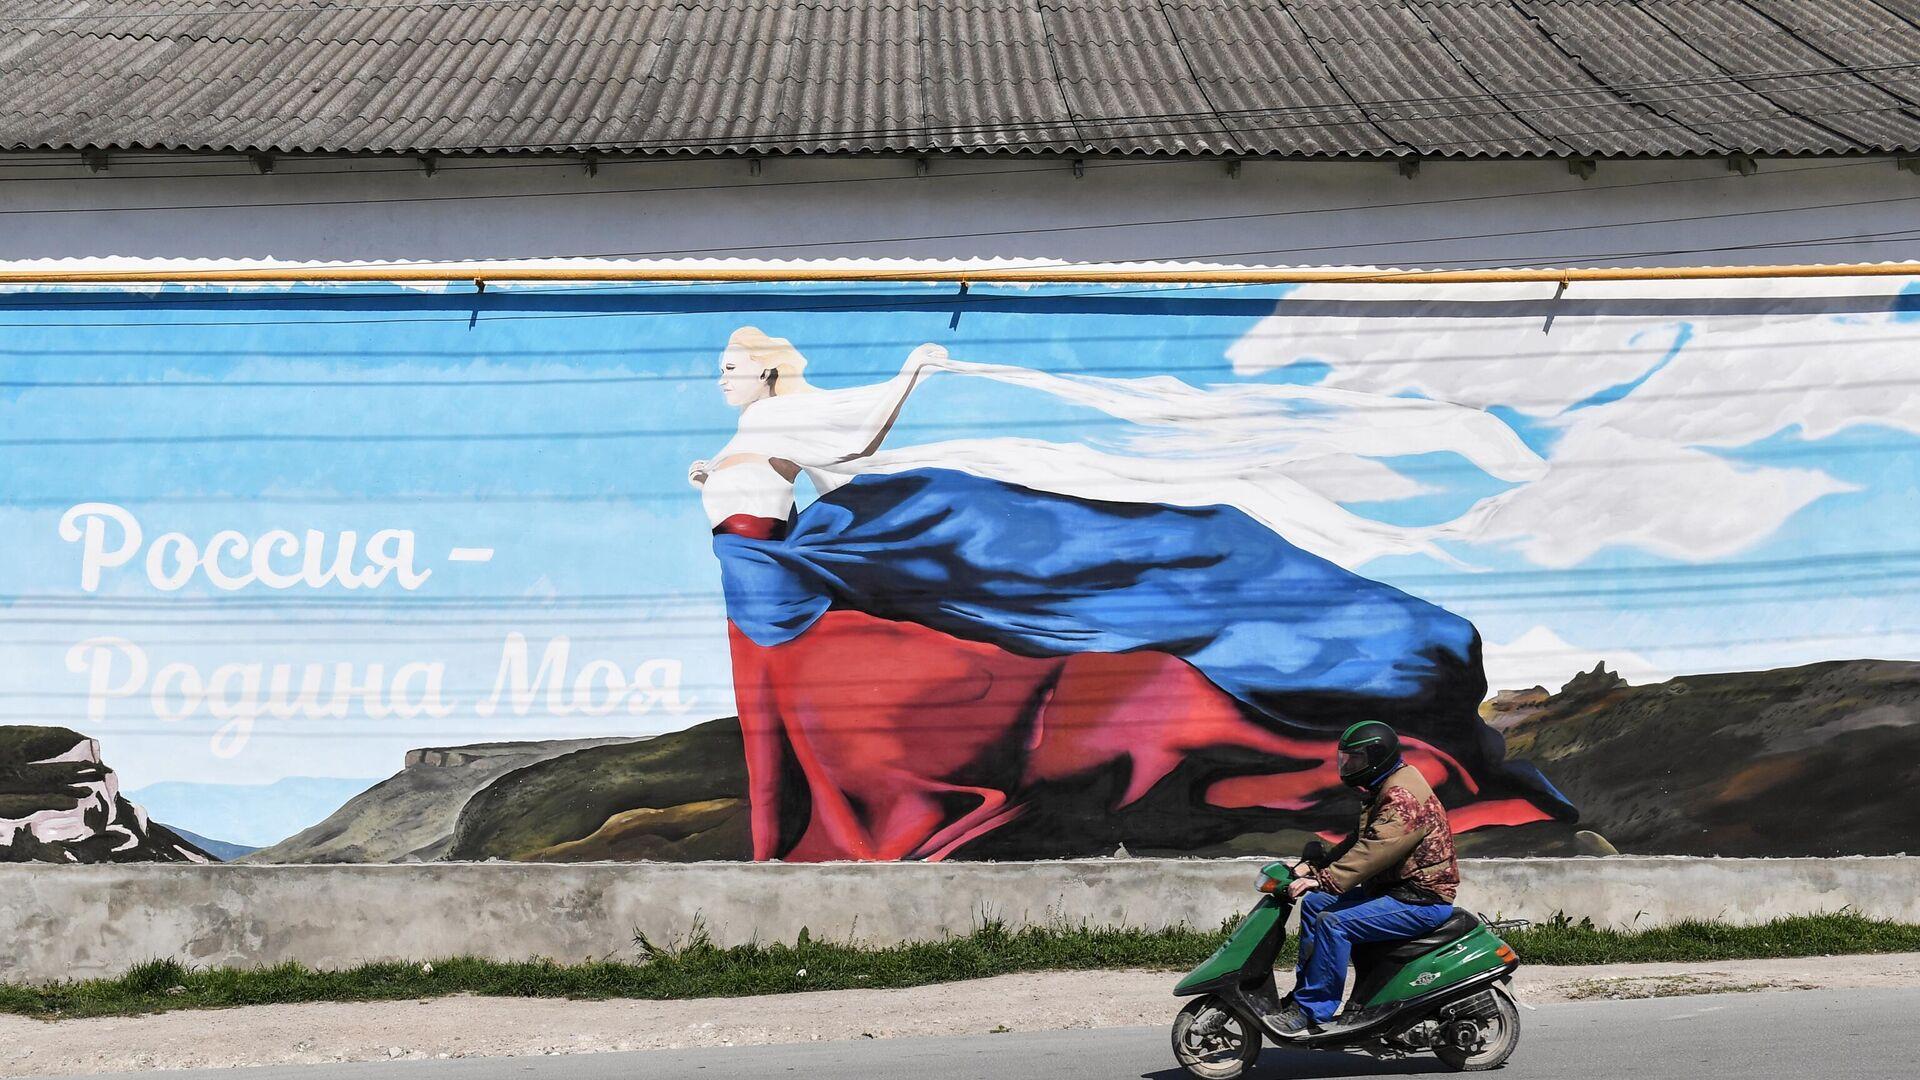 Grafit Rusija - moja domovina na zidu u Bahčisaraju na Krimu - Sputnik Srbija, 1920, 14.08.2021